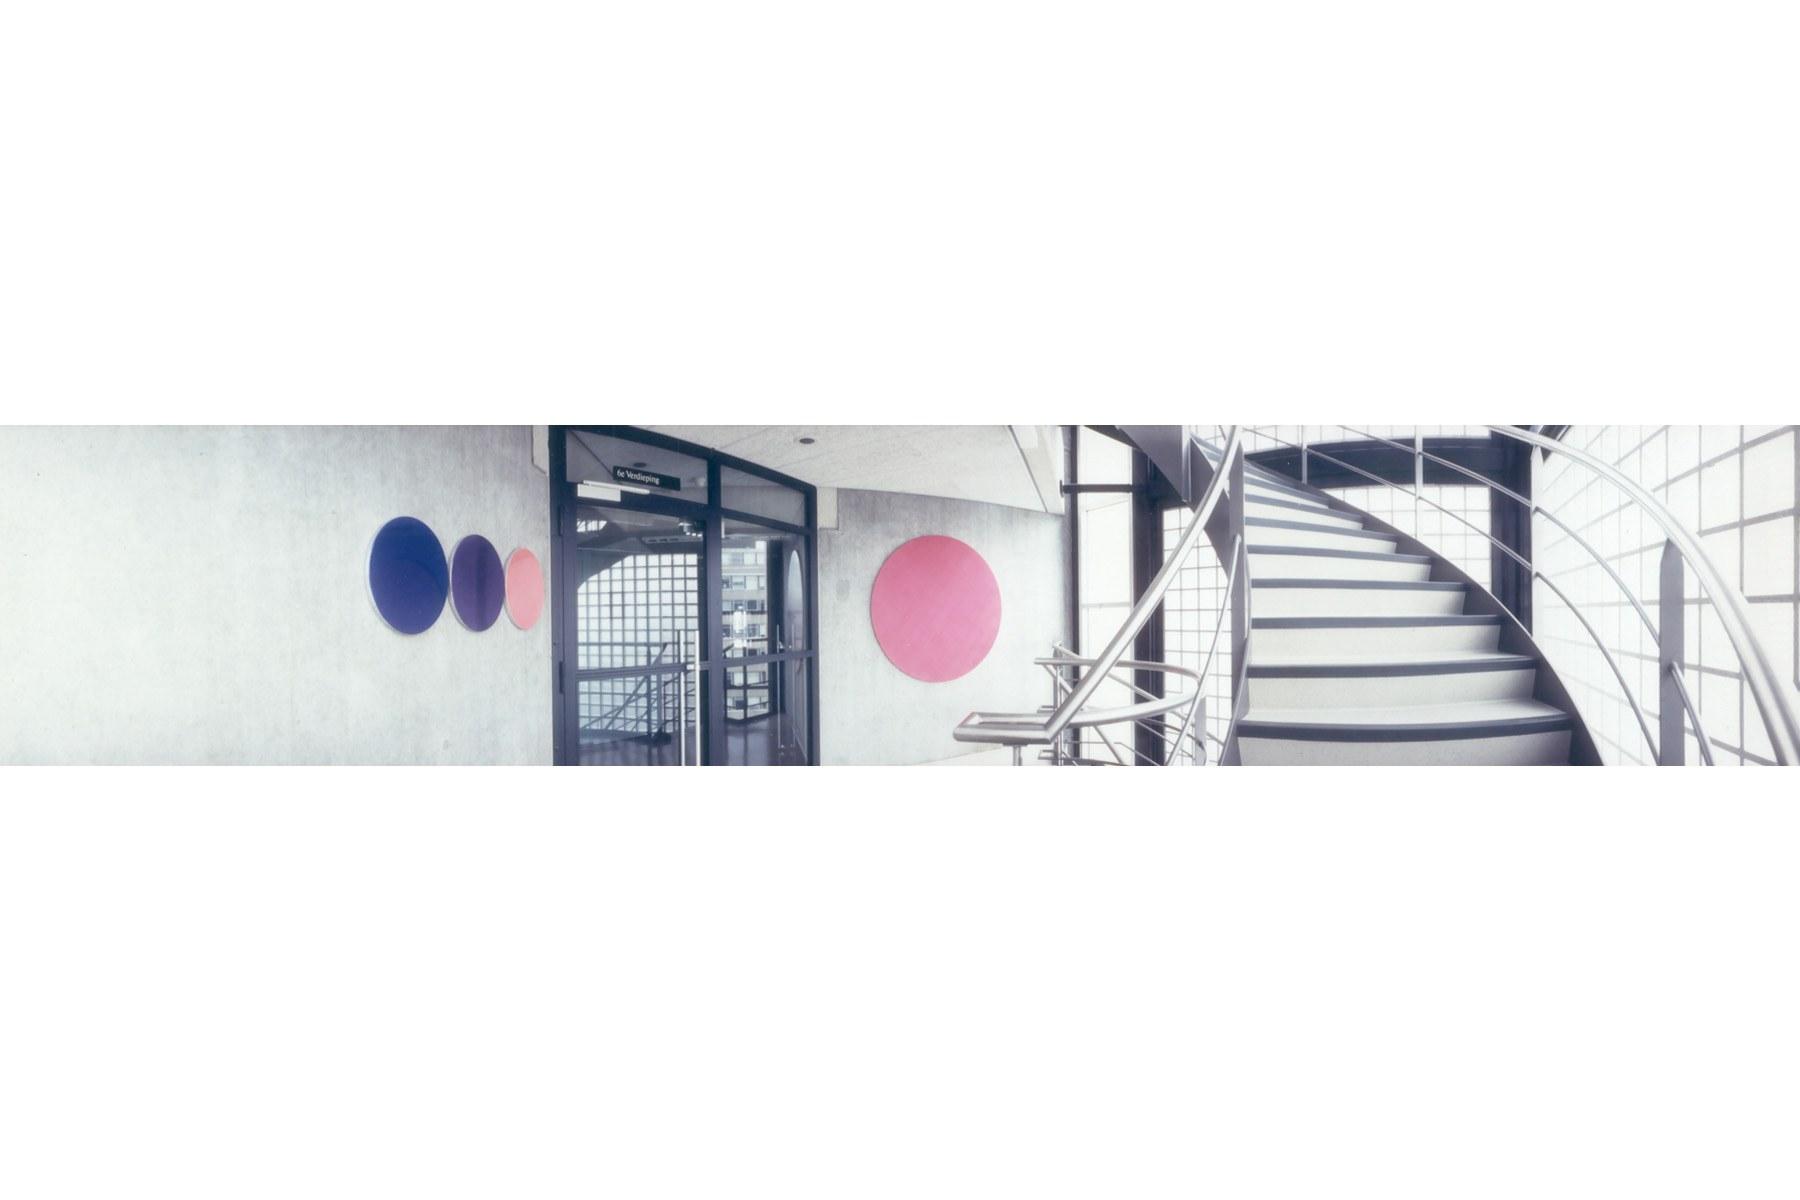 Kunstwerk BVD, Leidschendam, 1993